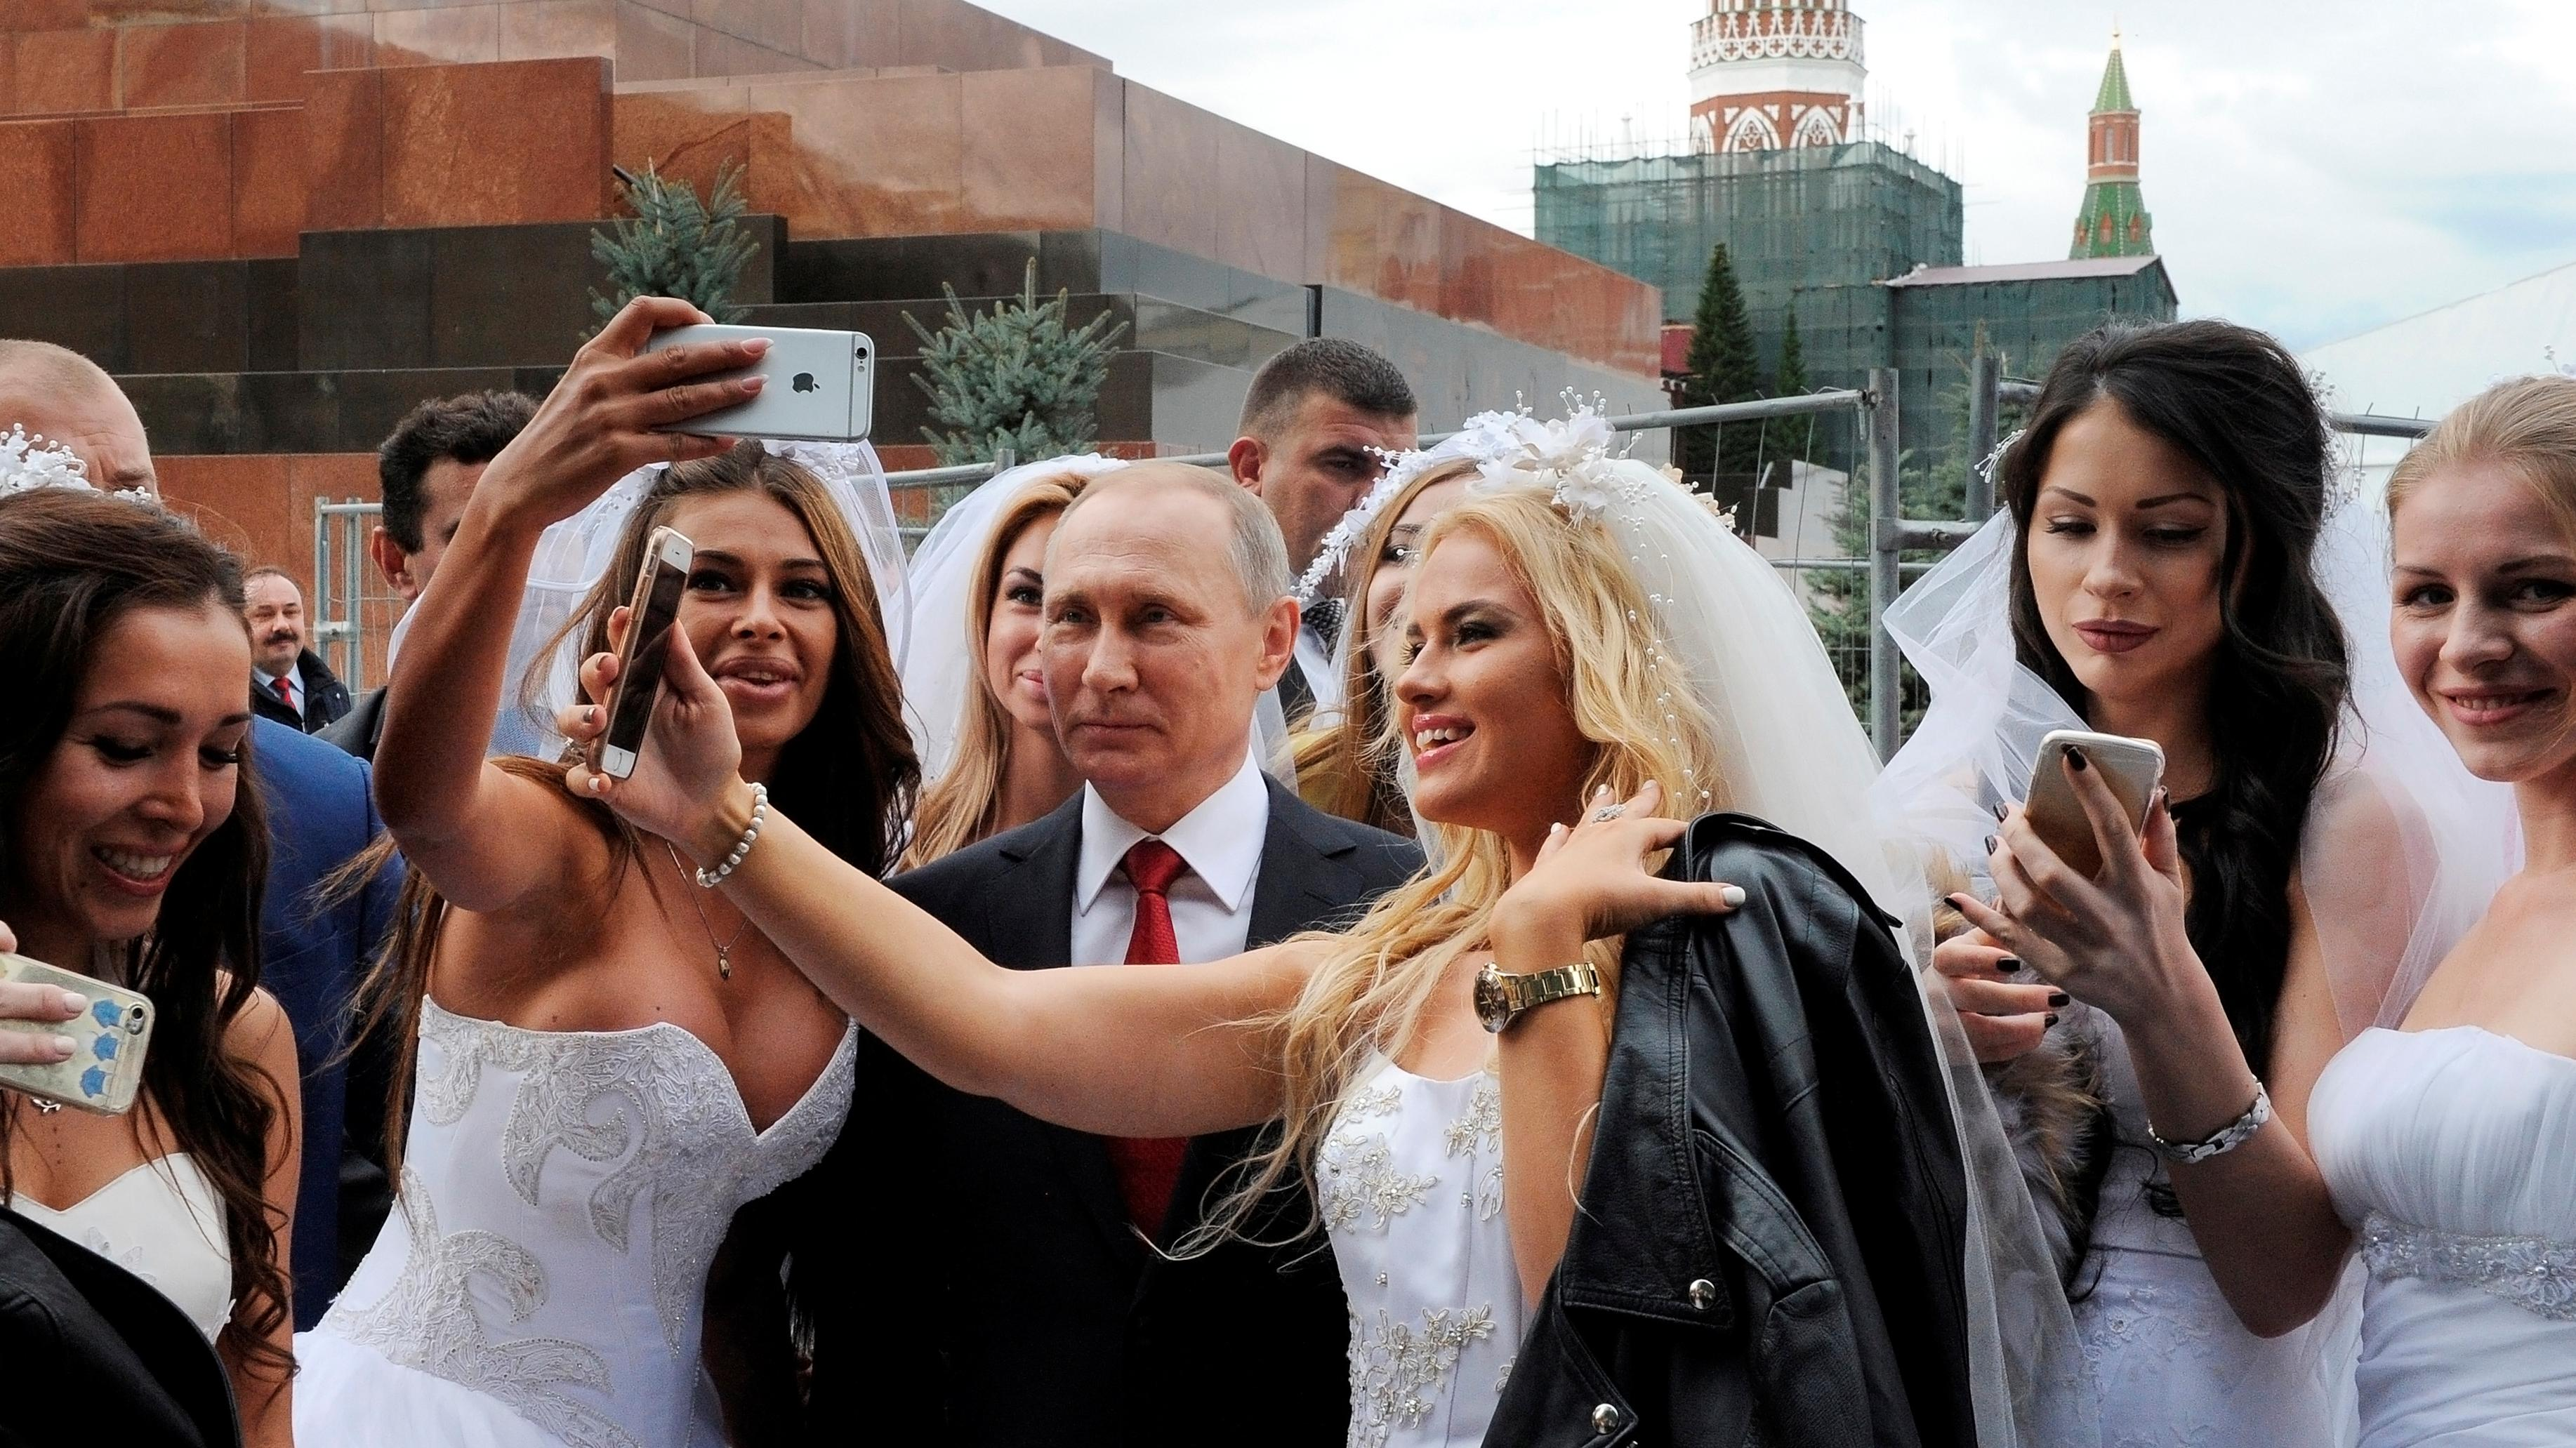 Wenn Putin das wüsste ...